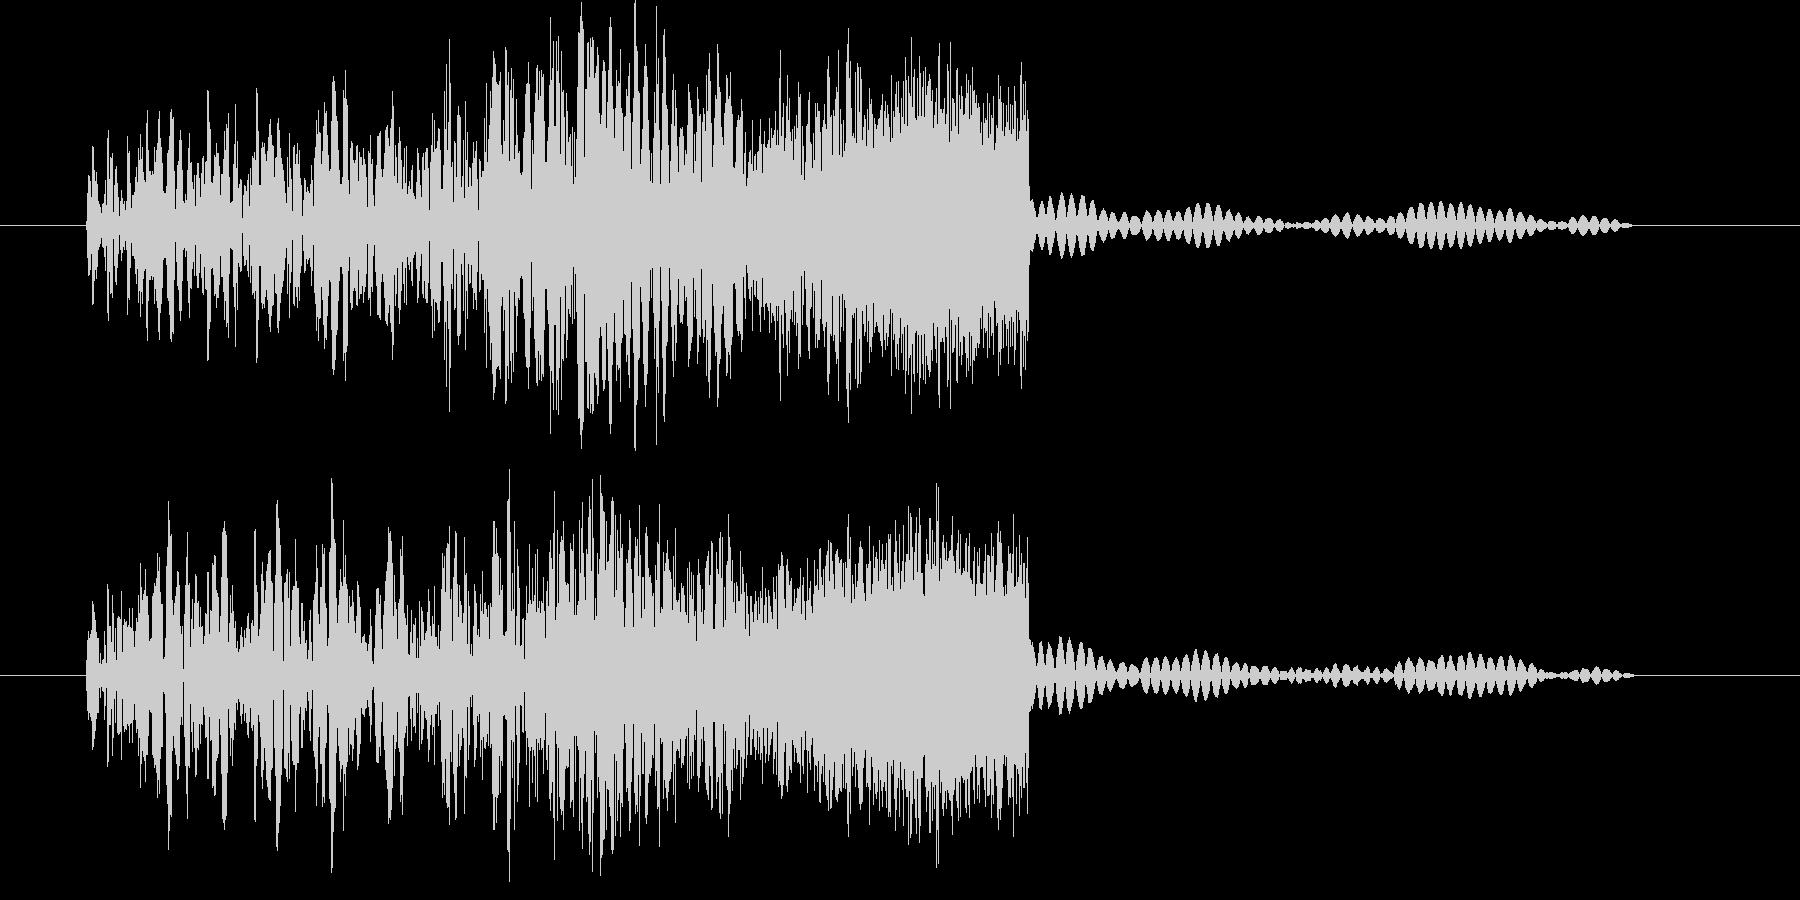 ボァア (星人の声)の未再生の波形